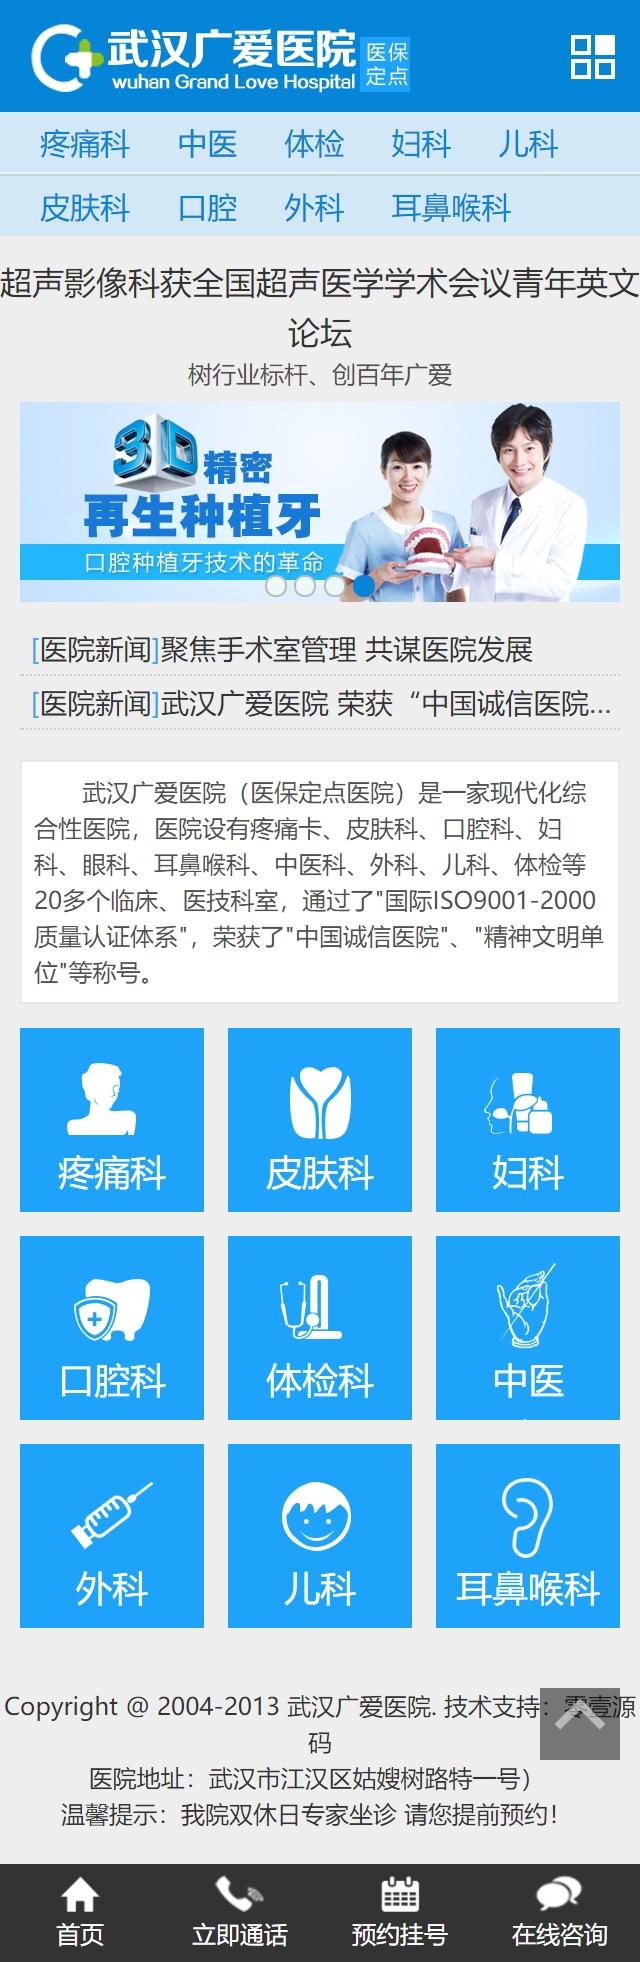 织梦dedecms蓝白WAP手机综合医院类整站源码(独立后台)---修正版